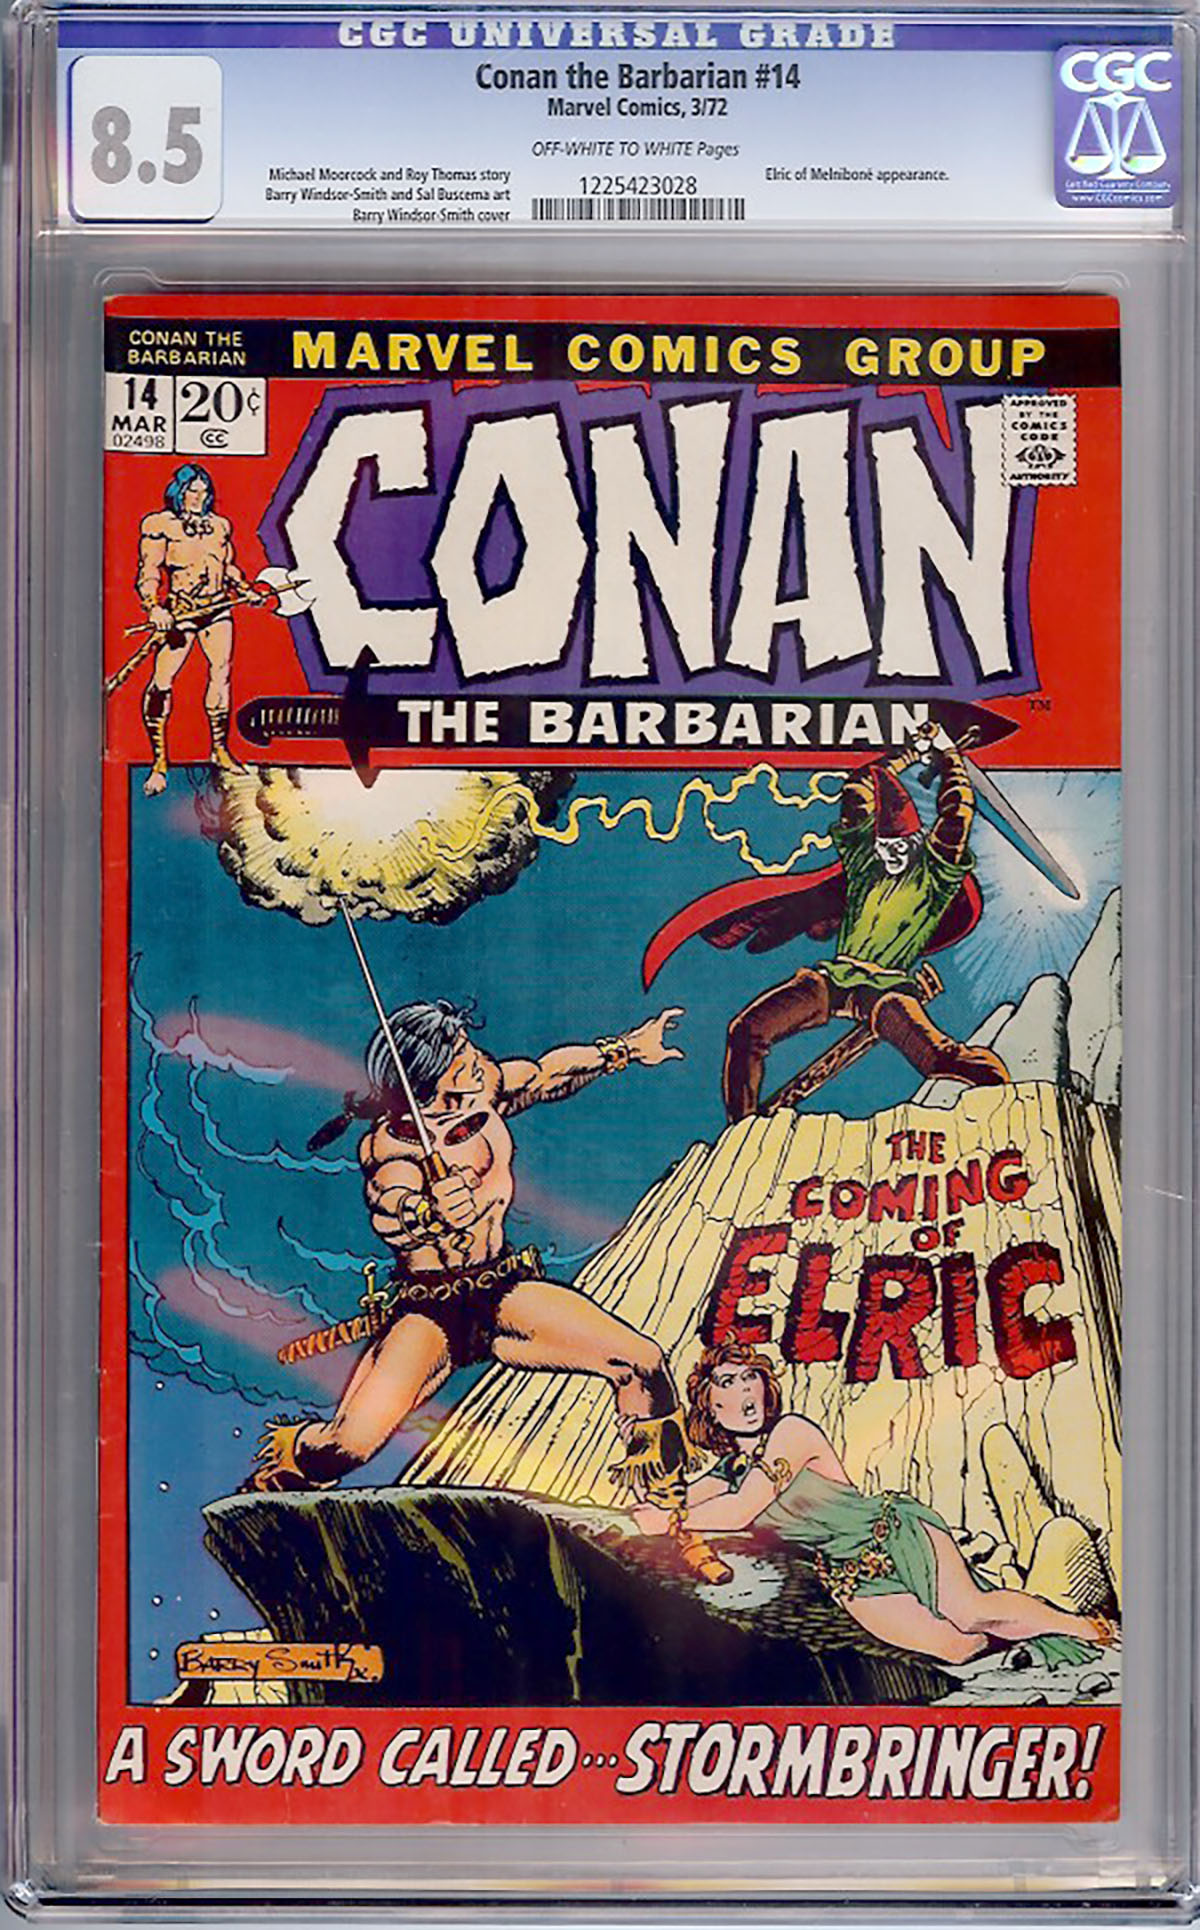 Conan The Barbarian #14 CGC 8.5 ow/w